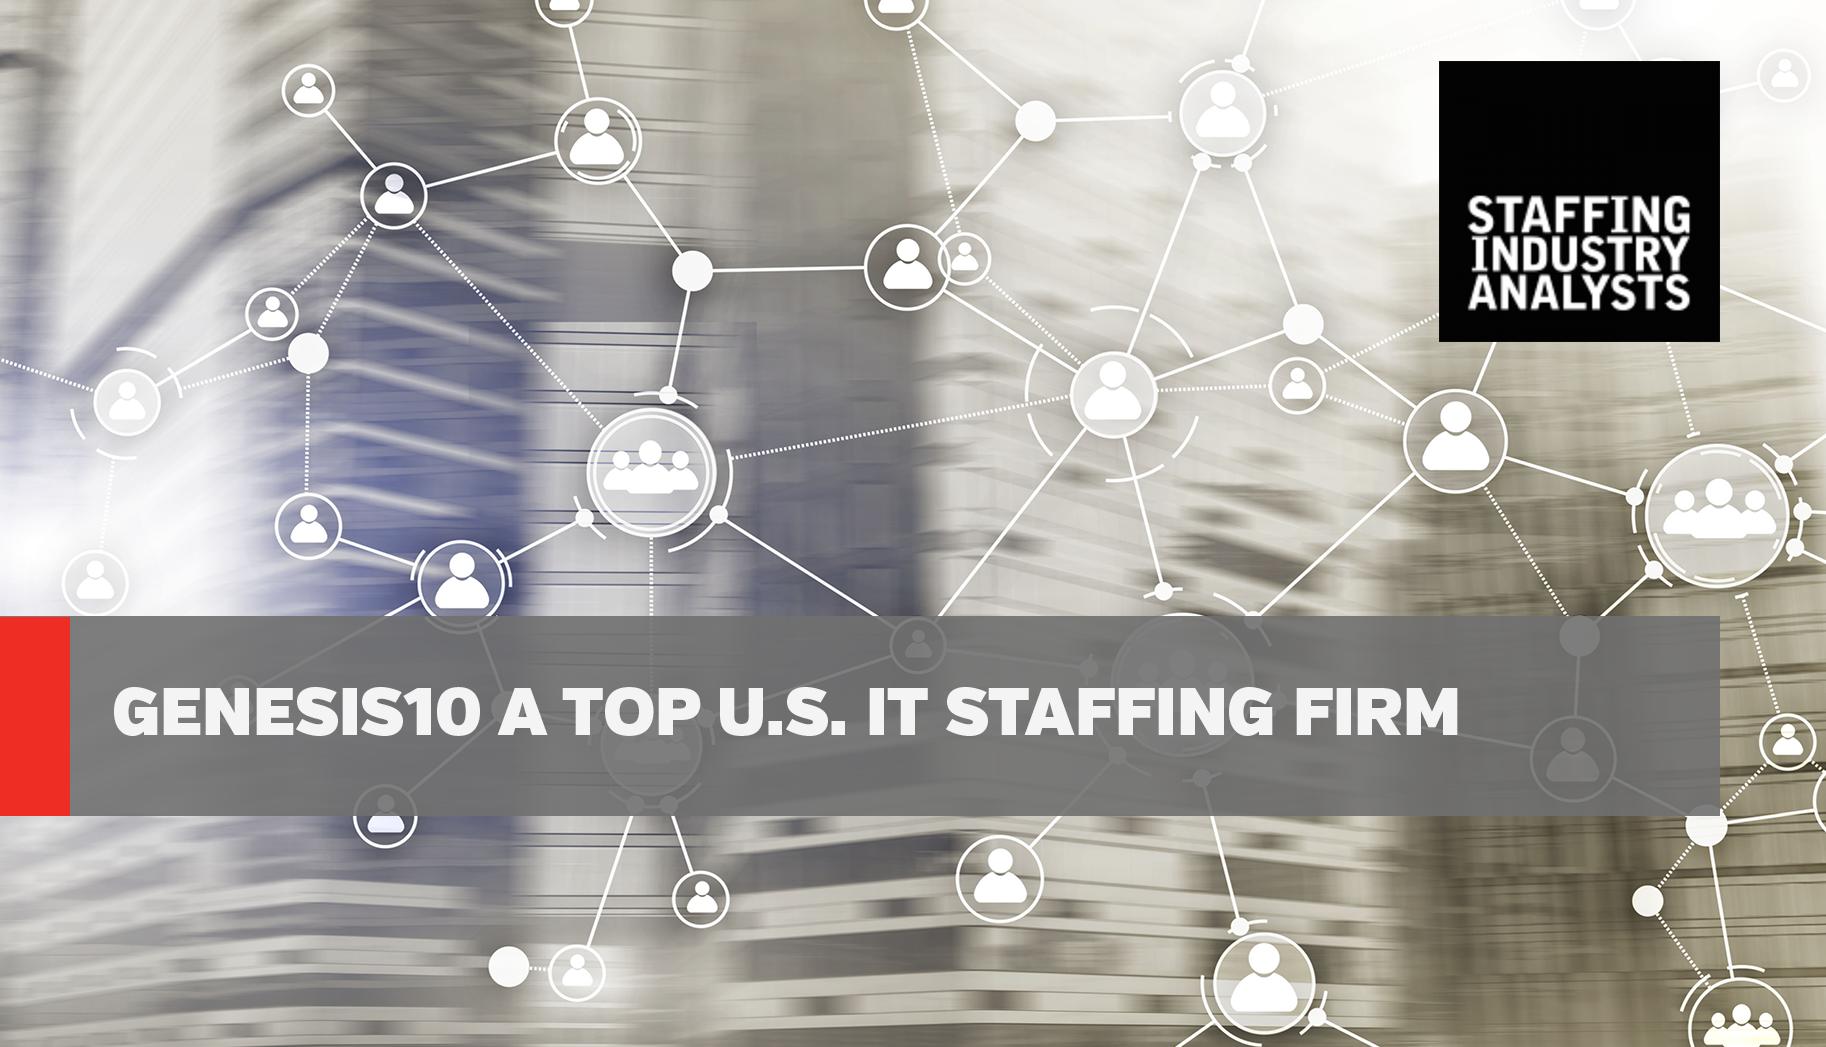 LinkedIn SIA Genesis10 a Top U.S. IT Staffing Firm